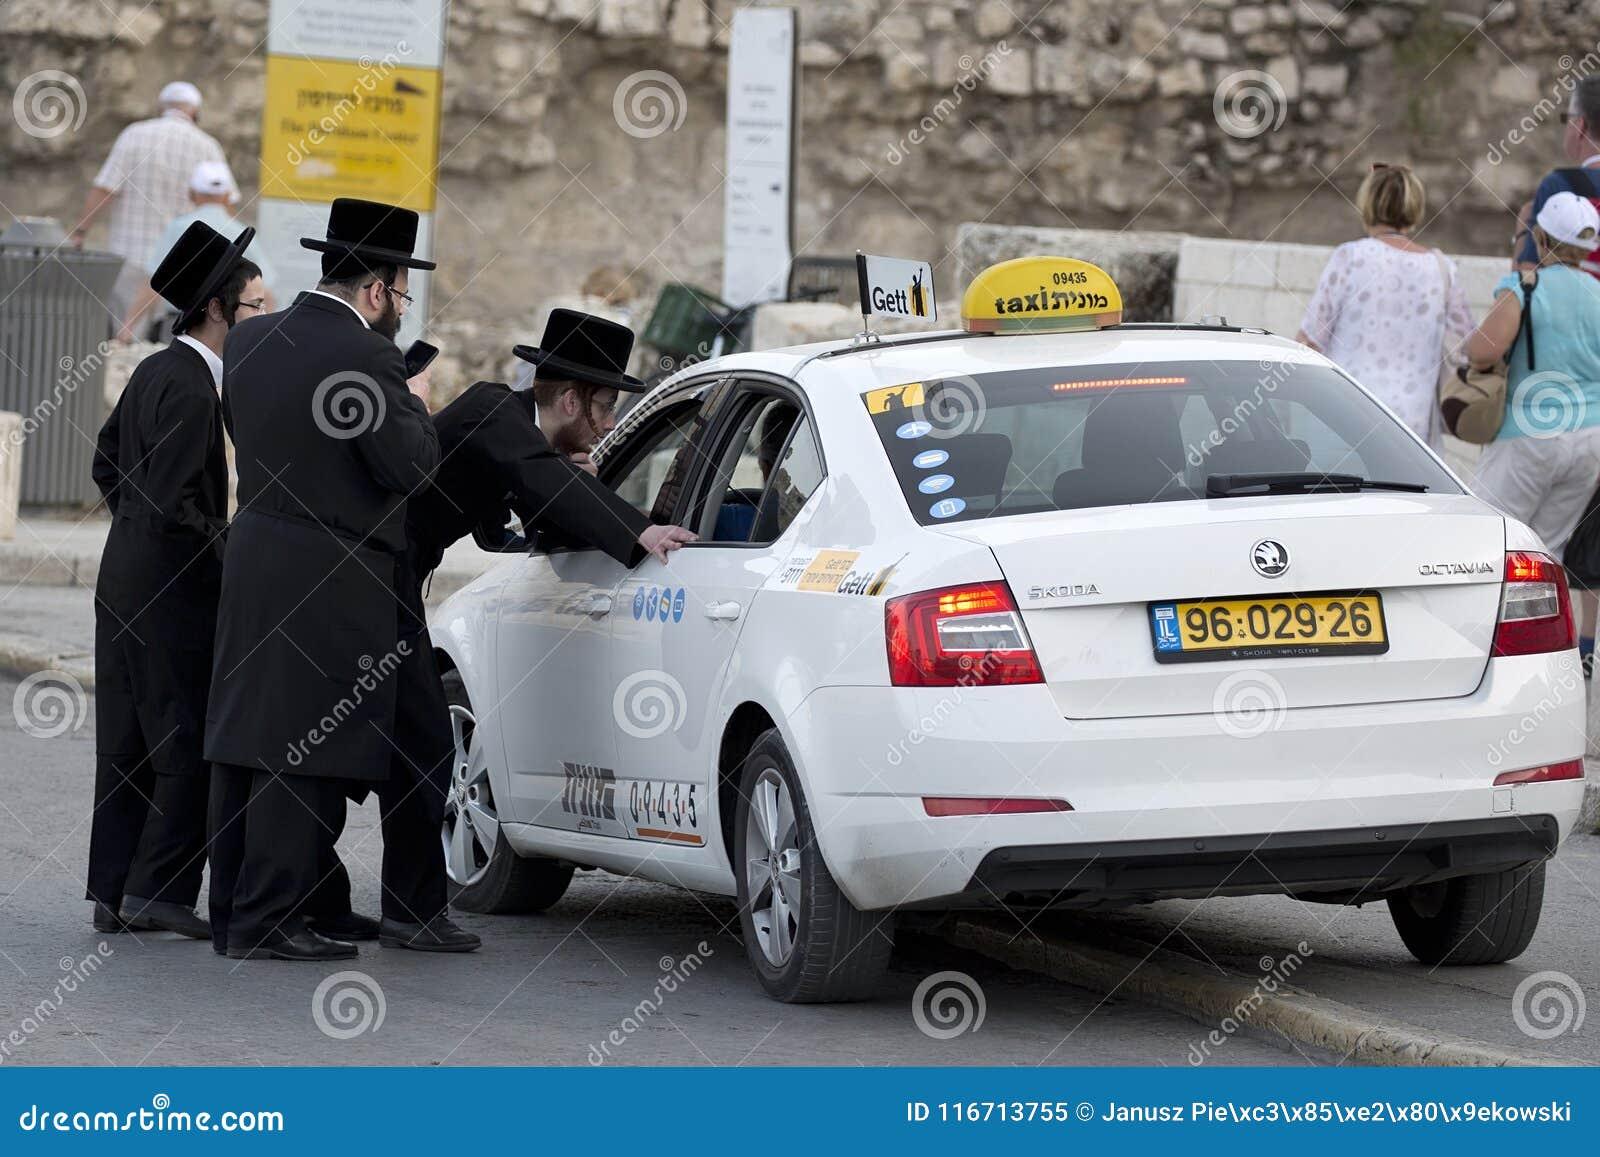 Οι ορθόδοξοι Εβραίοι διατάζουν ένα ταξί στην οδό ` s της Ιερουσαλήμ